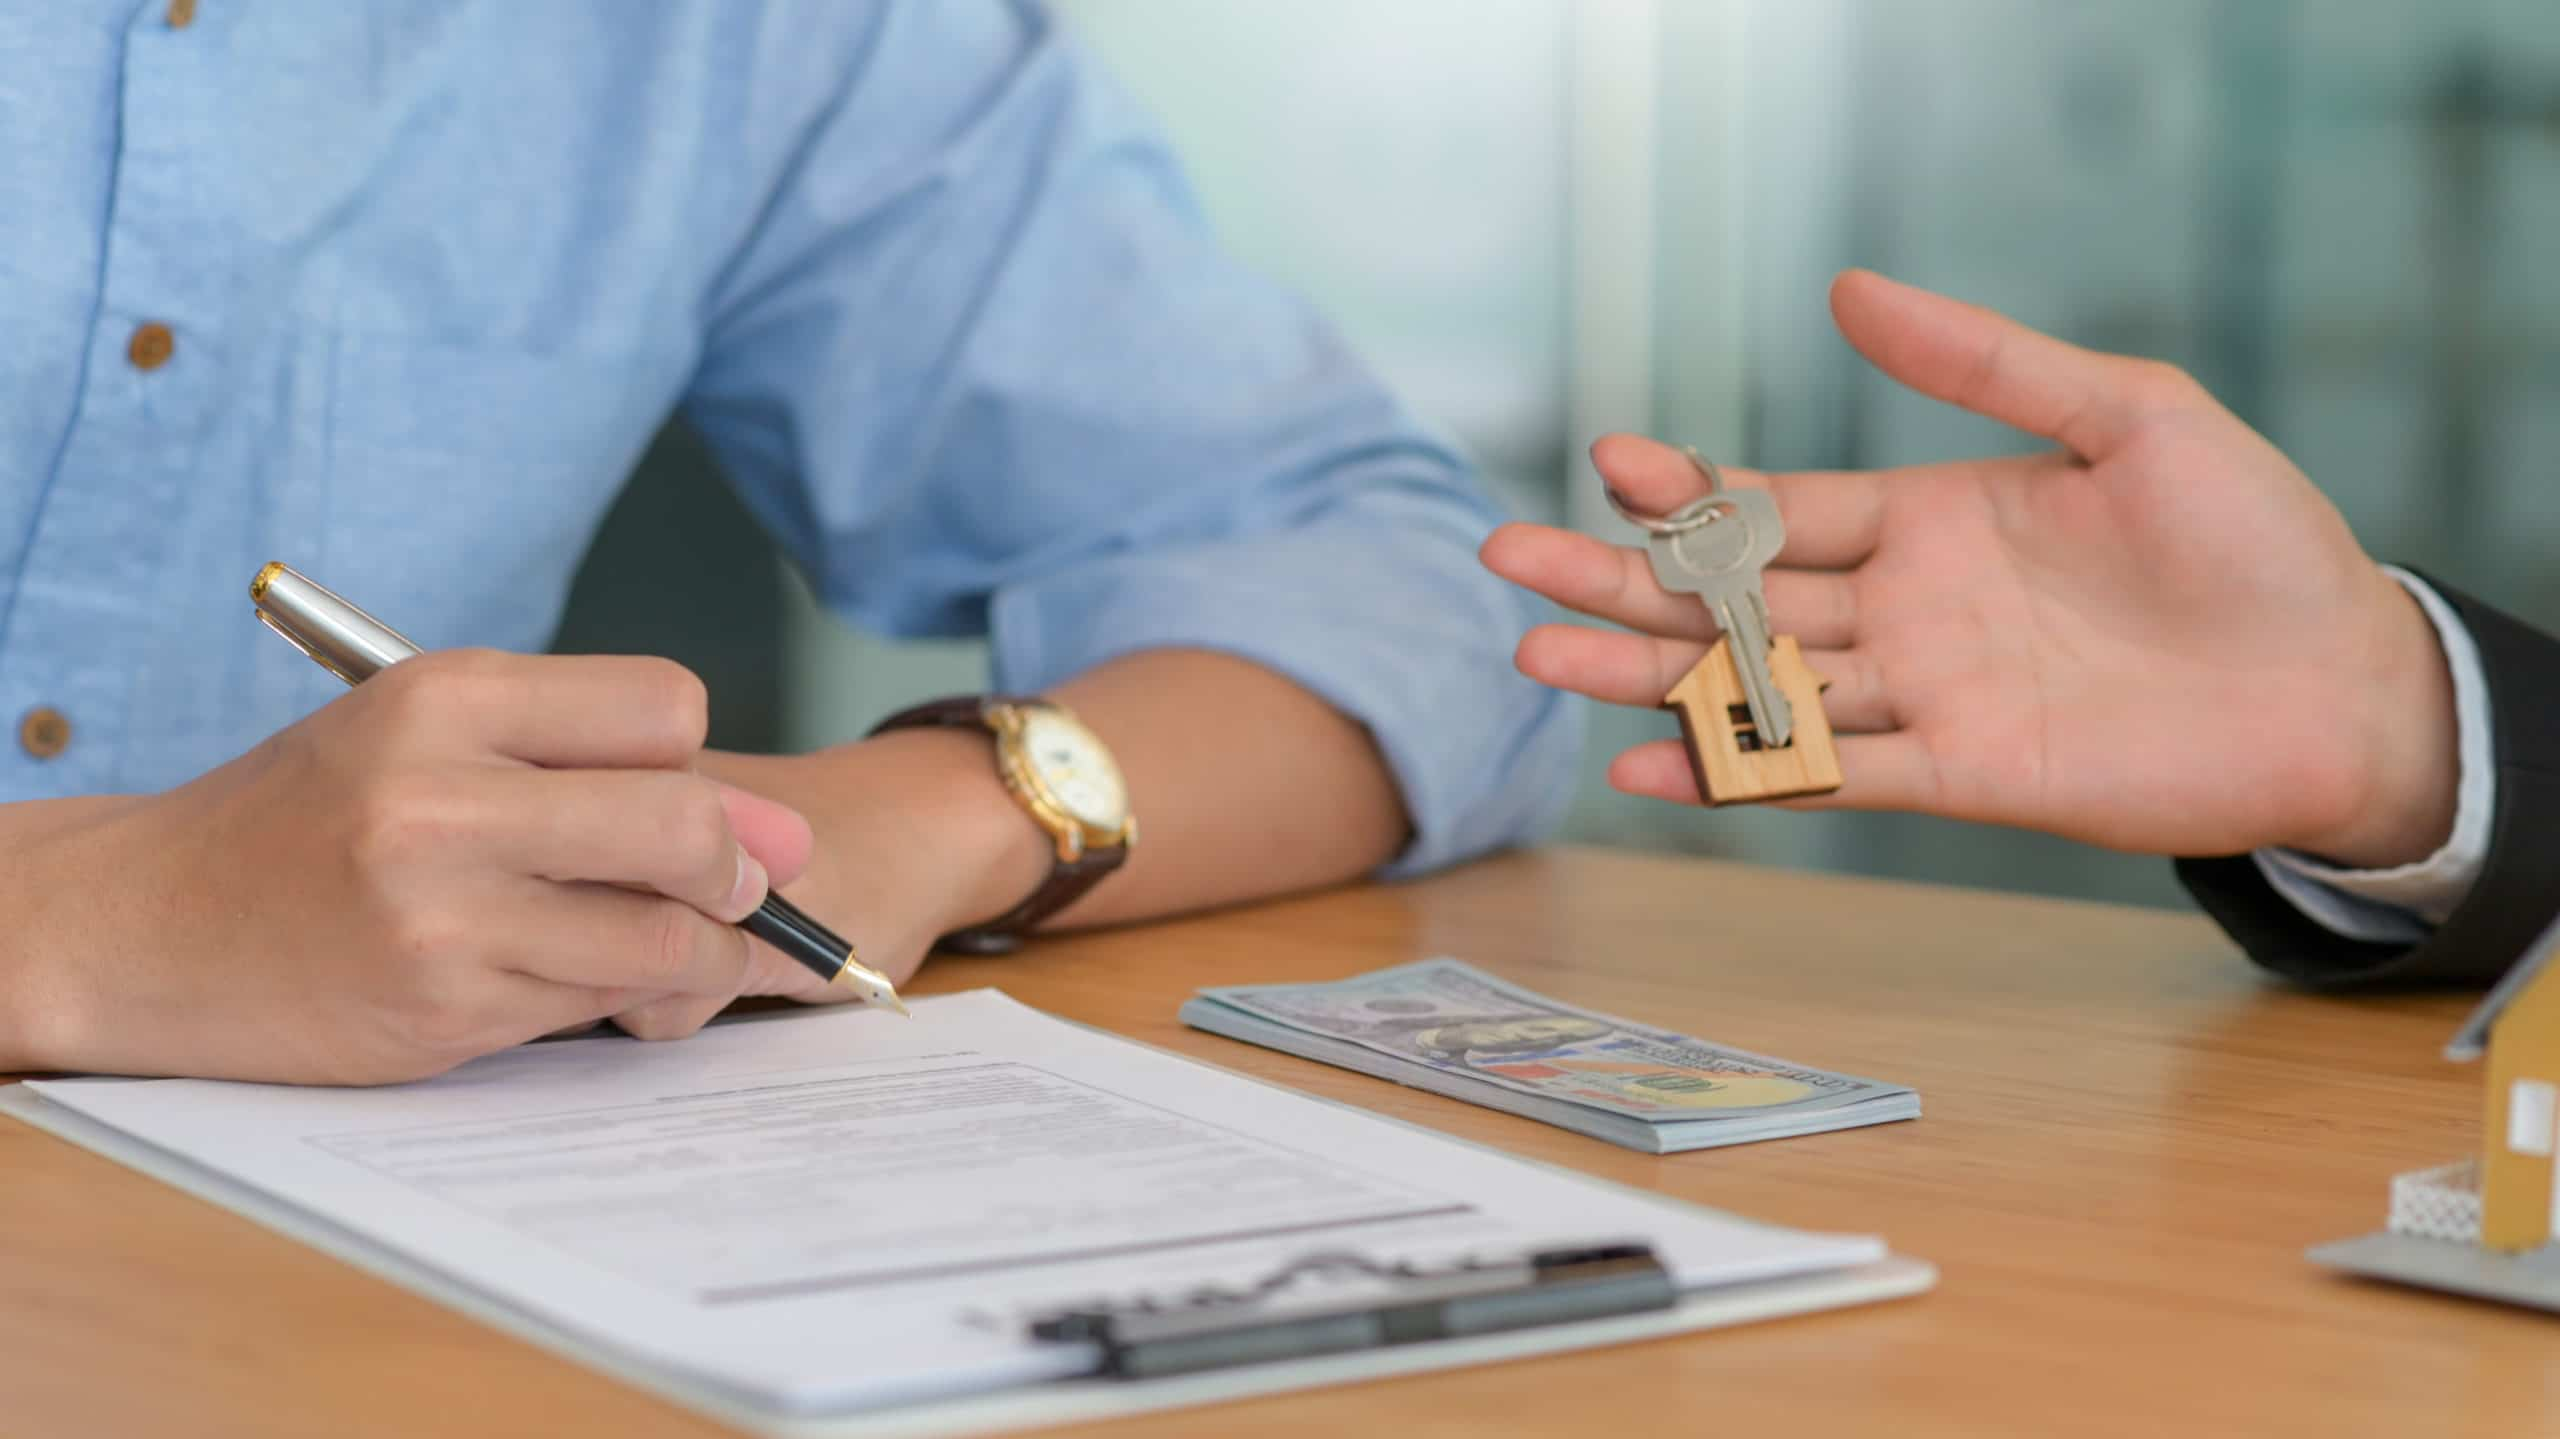 Read more about the article Contrato de compra e venda de imóvel: vou precisar de um advogado?